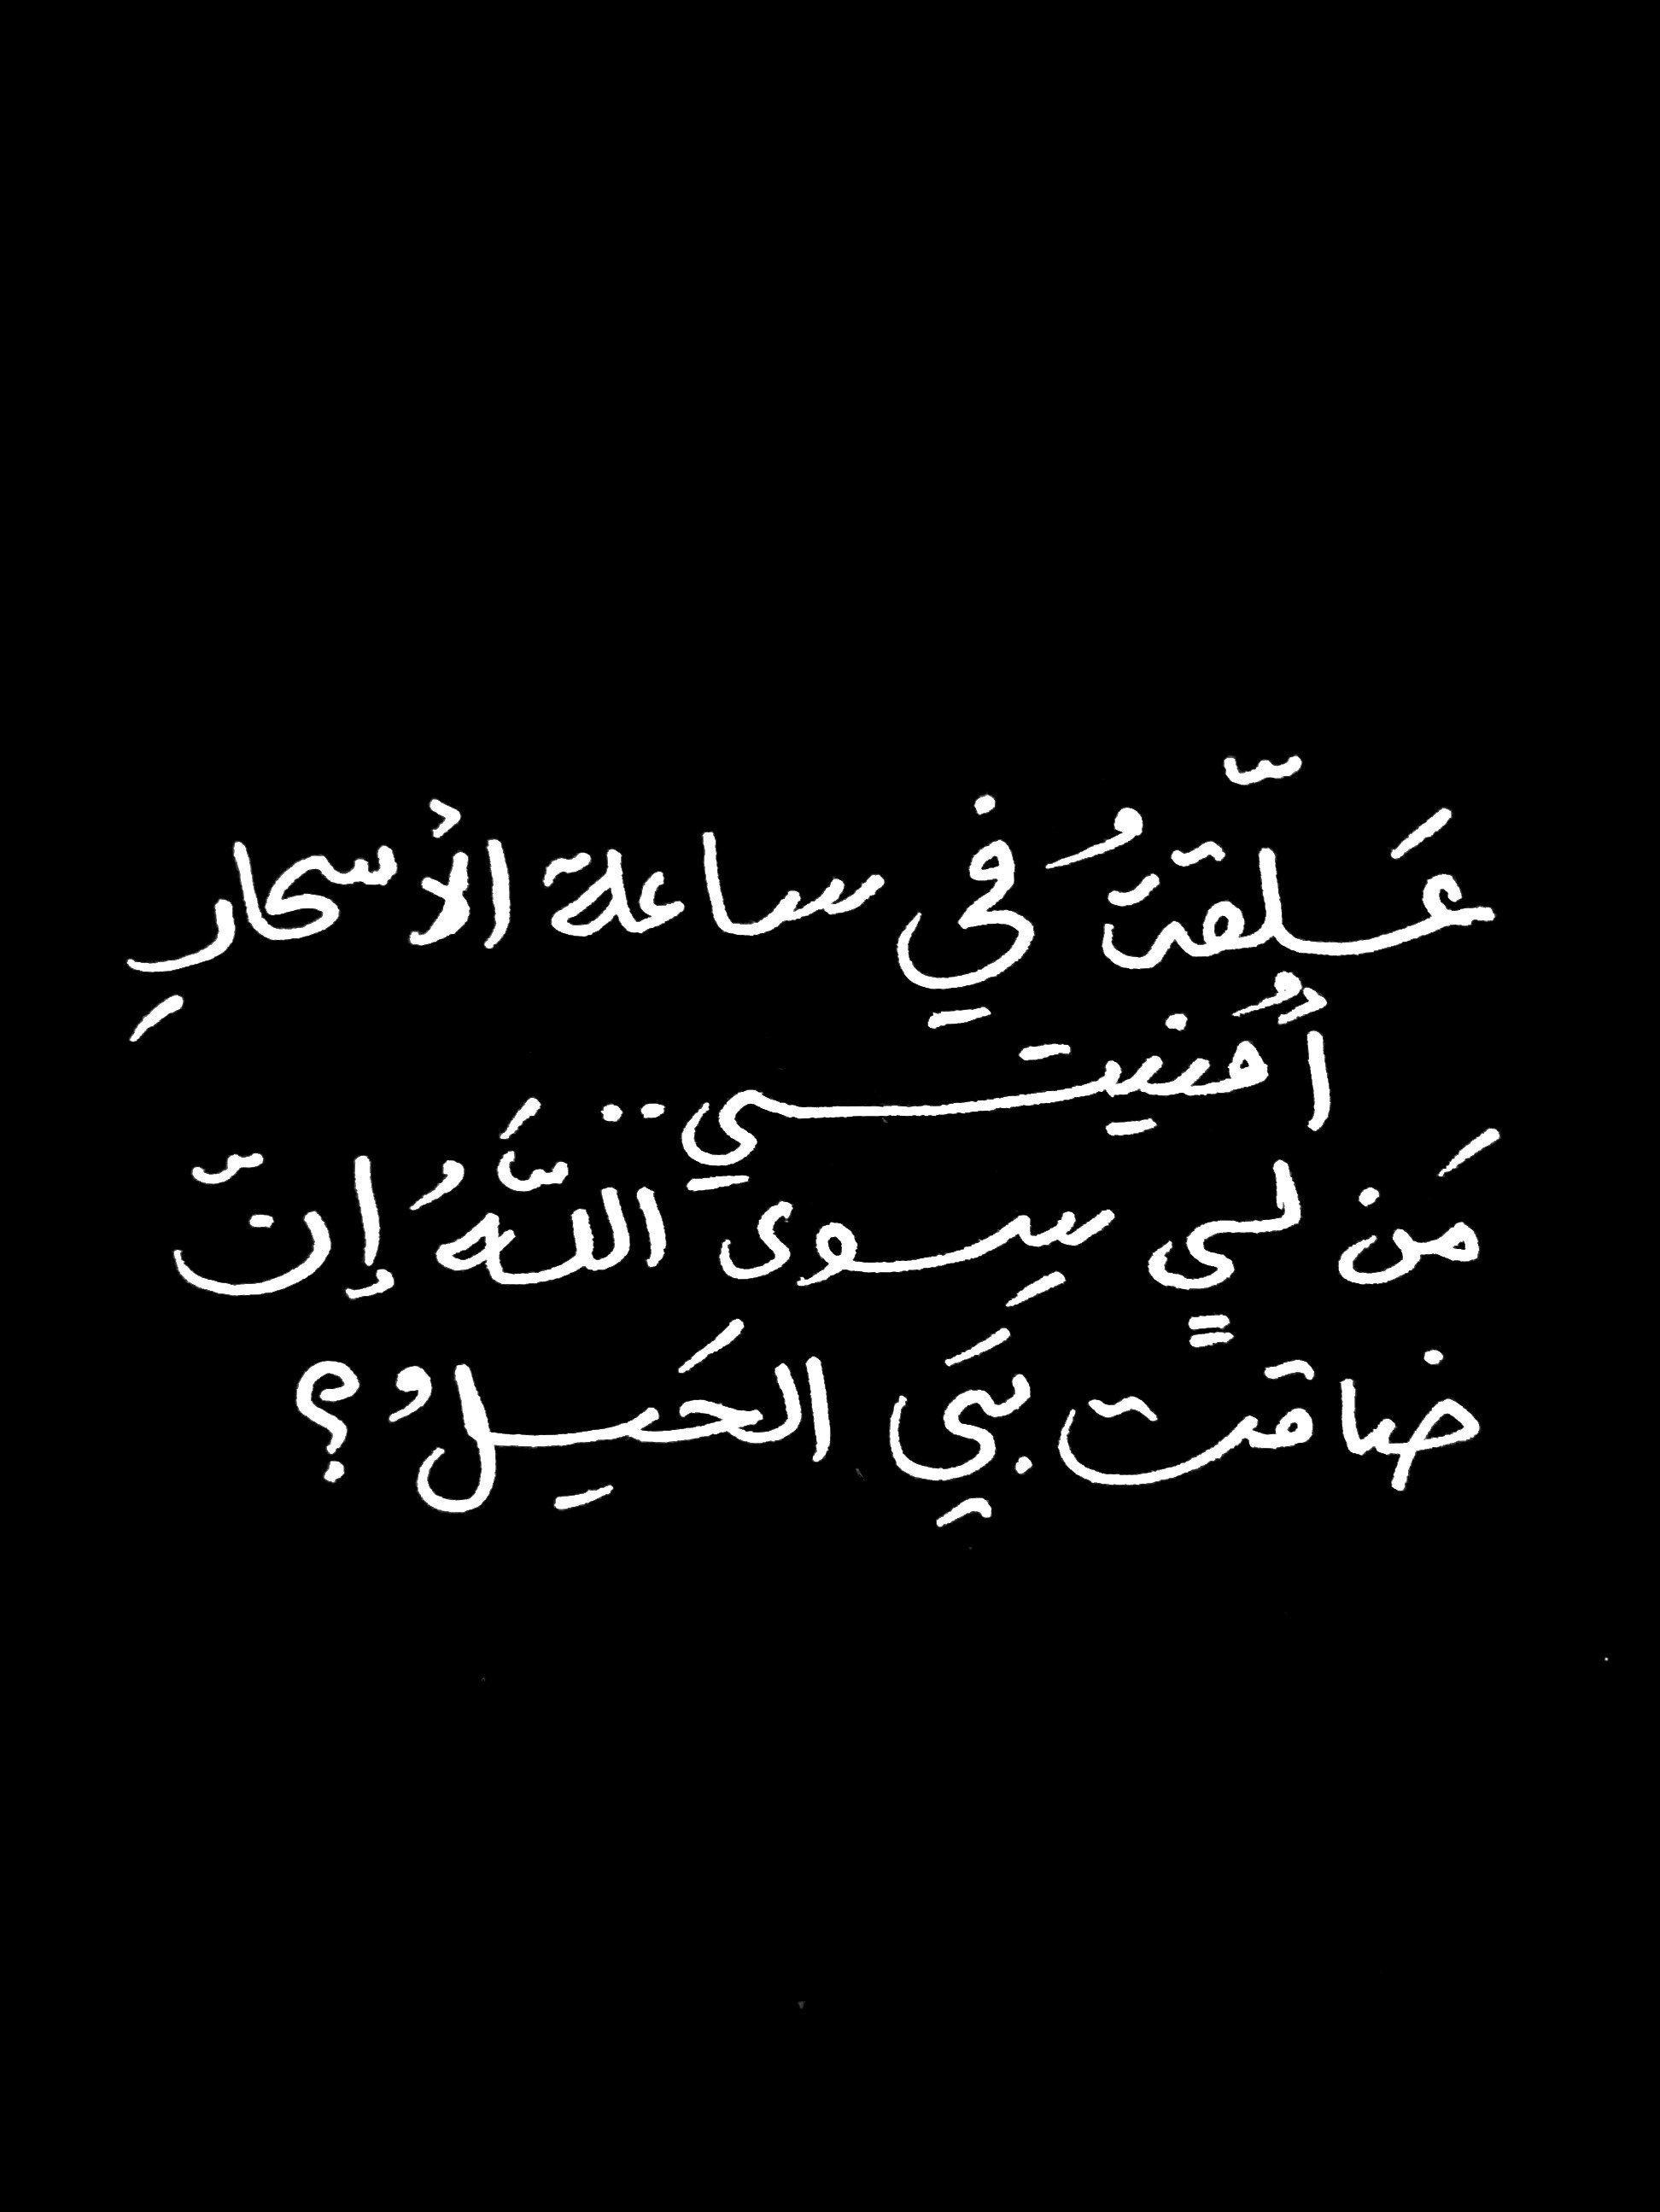 خطي علقت في ساعة الاسحار أمنيتي من لي سوى الله ان ضاقت بي الحيل Arabic Calligraphy Art Calligraphy Art Arabic Calligraphy